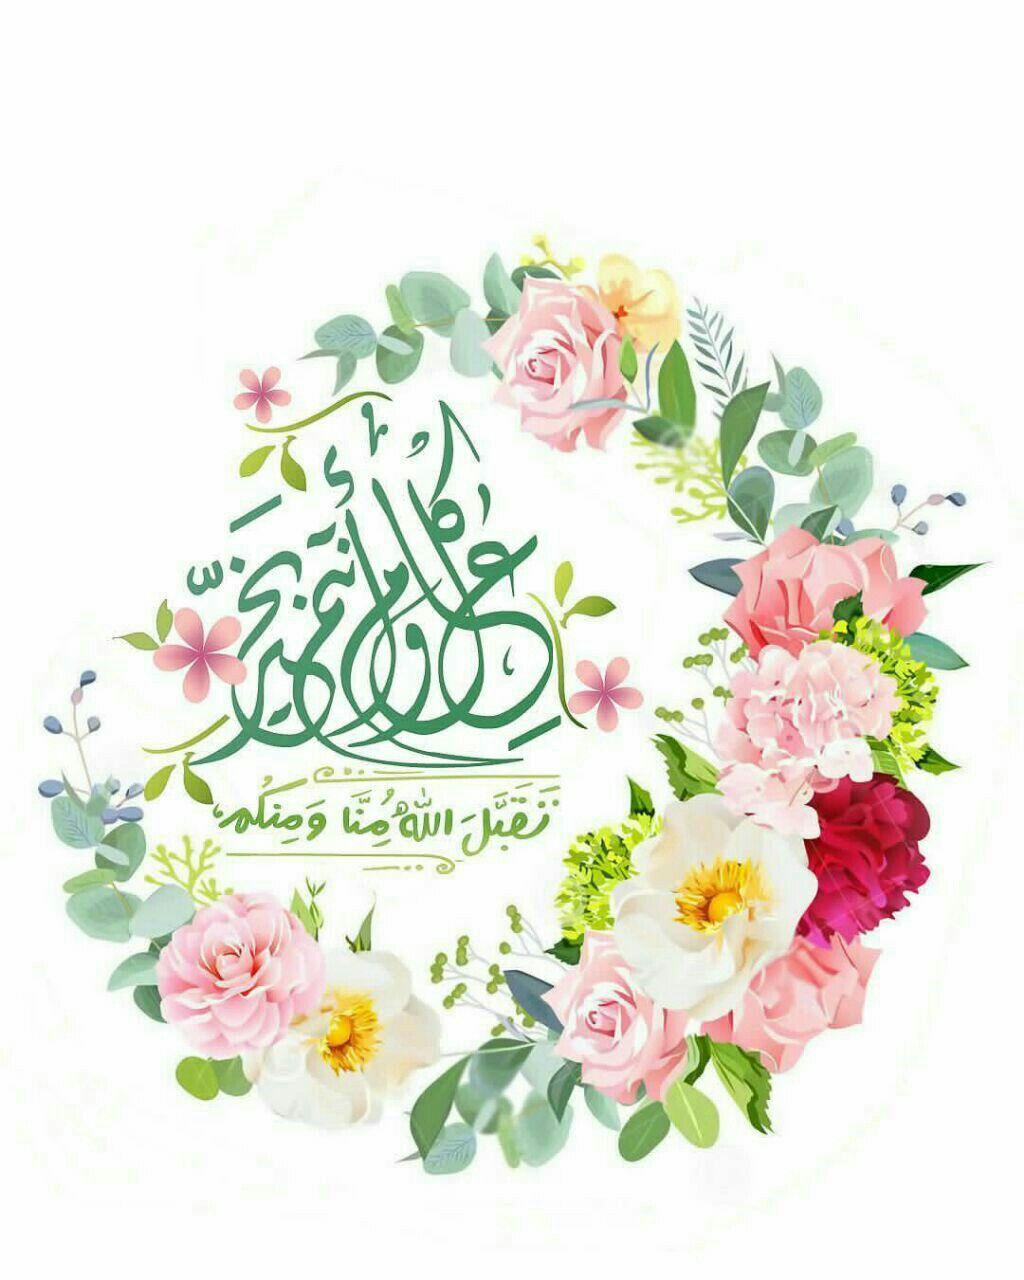 صبــ ــاحكم عناقيد فرح دائم كل الحكاية في الرسالة تهاني يزفها موكب من الورد و الطيب تحمل تهاني العيد بأصدق معاني و Eid Stickers Eid Greetings Eid Crafts